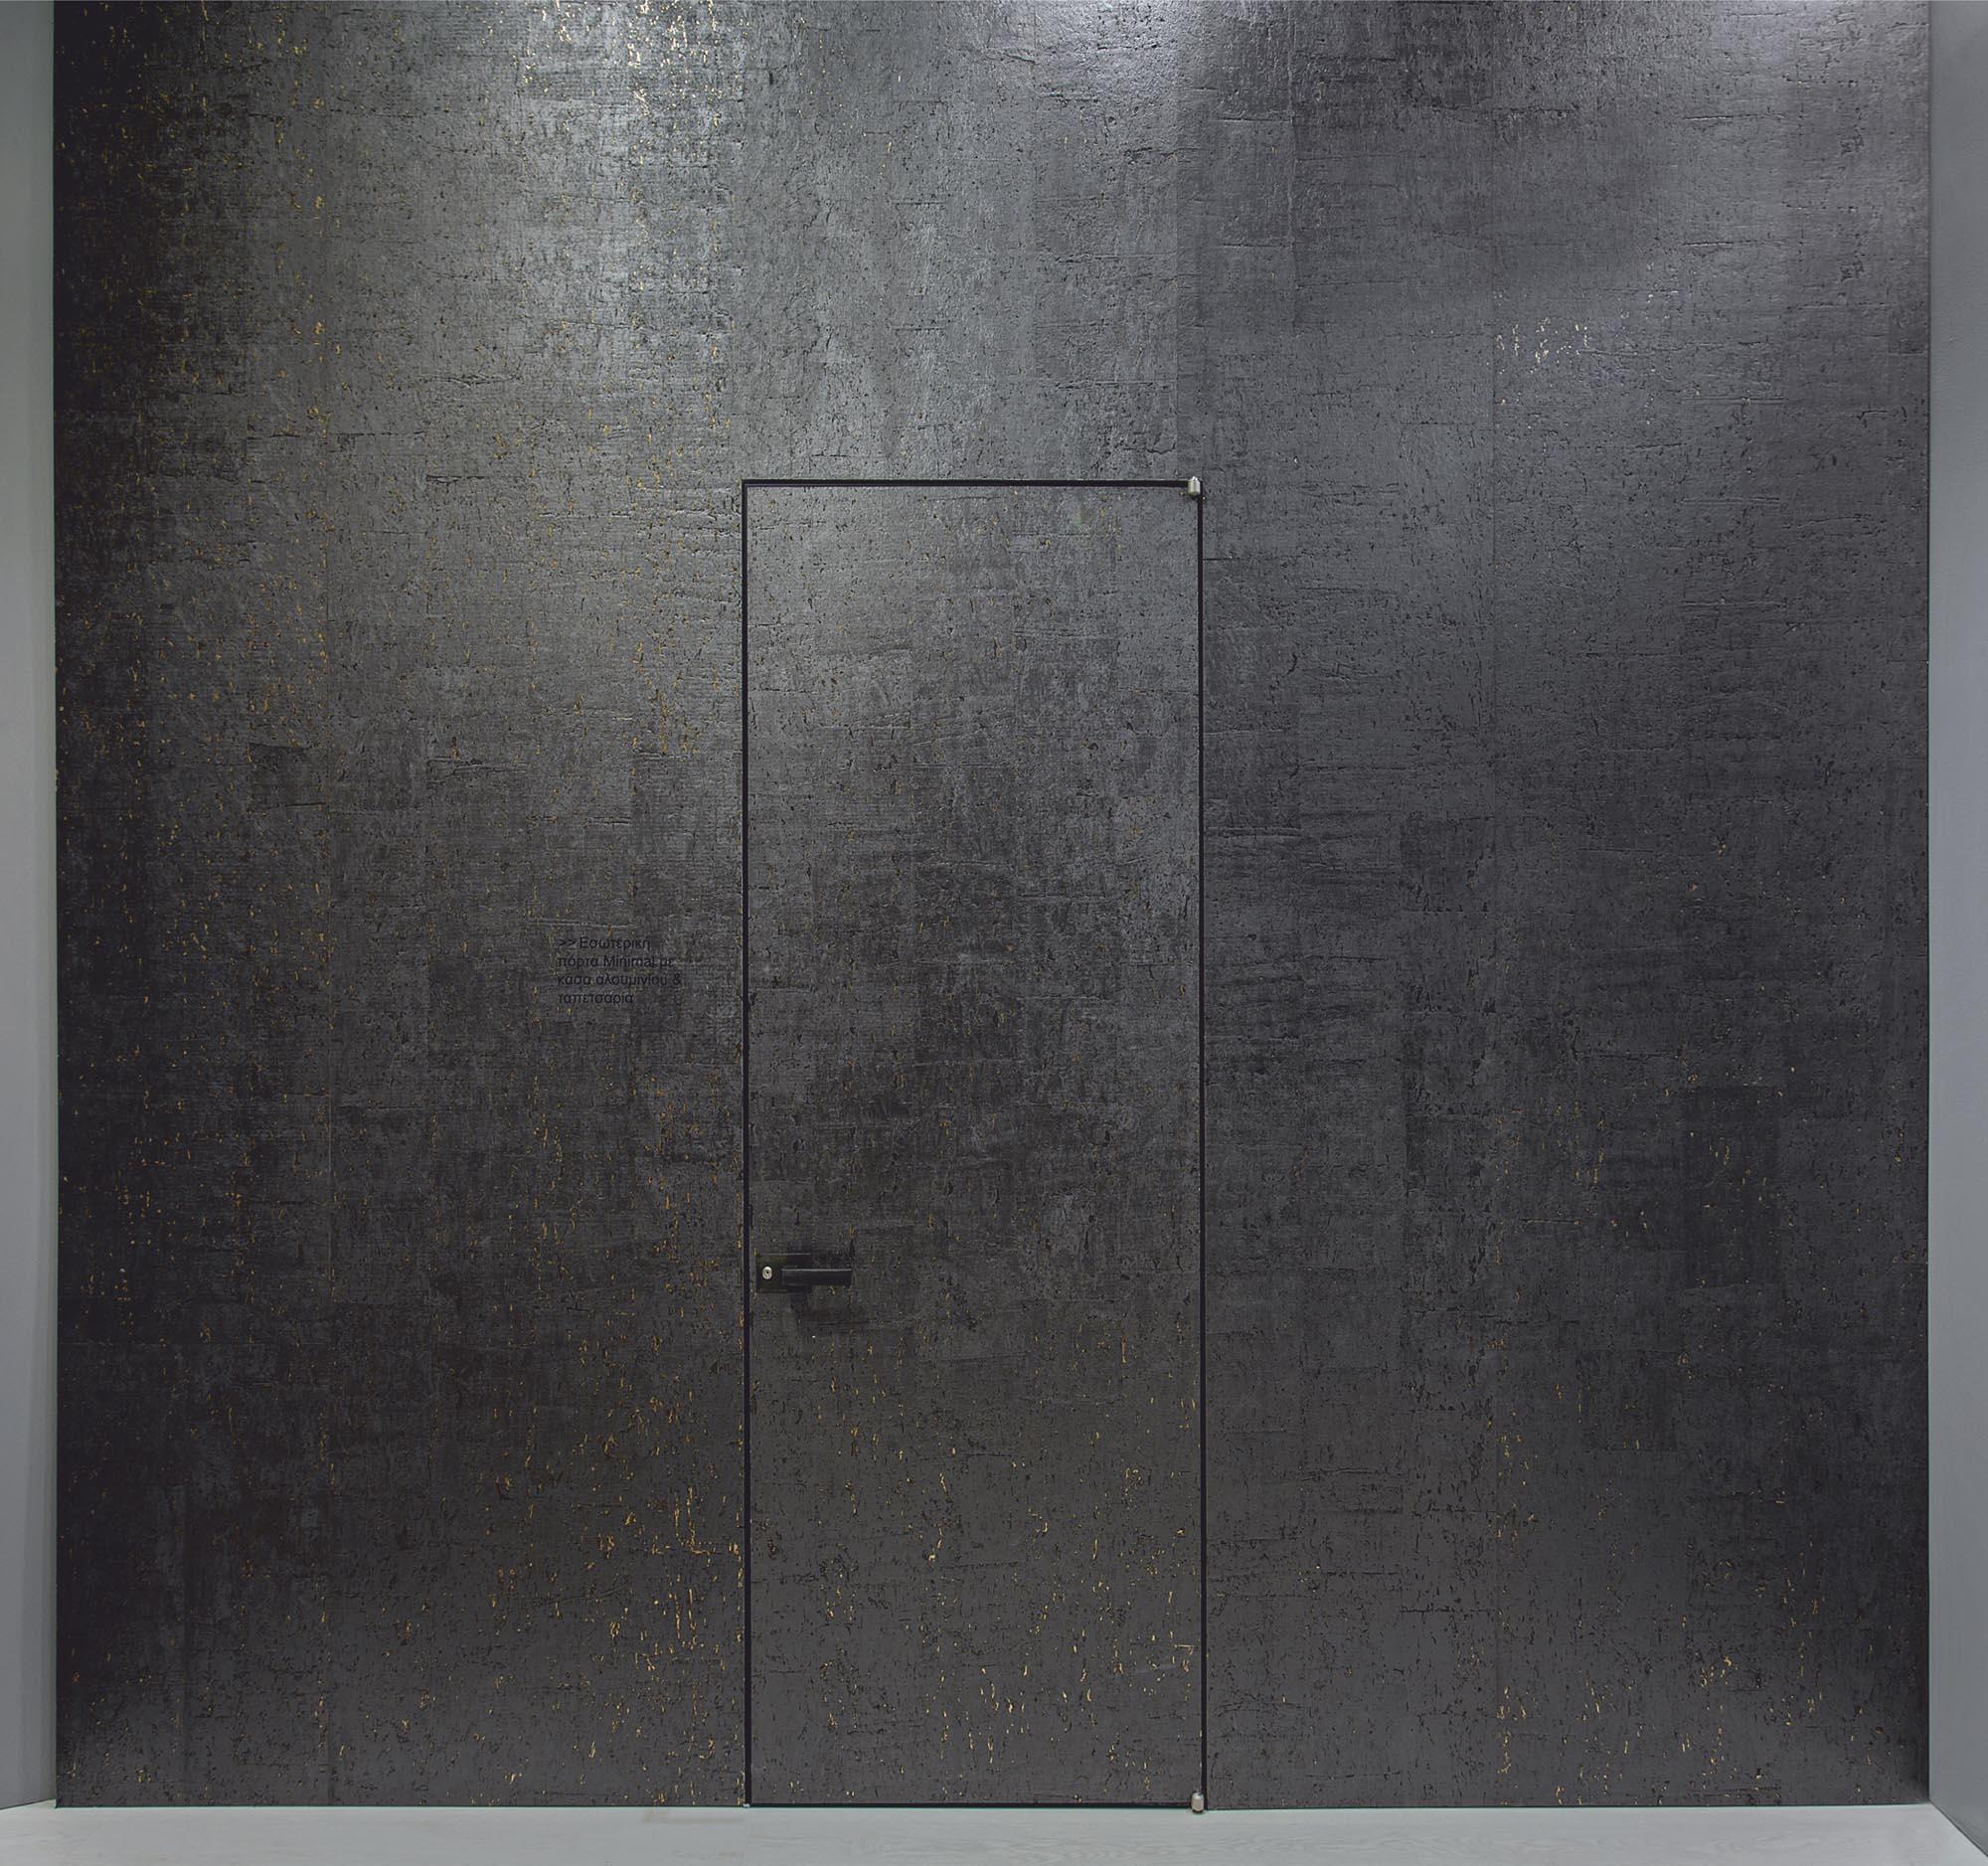 INTERNAL DOOR LESS WITH HIDDEN ALUMINUM FRAME & WALLPAPER PATTERN